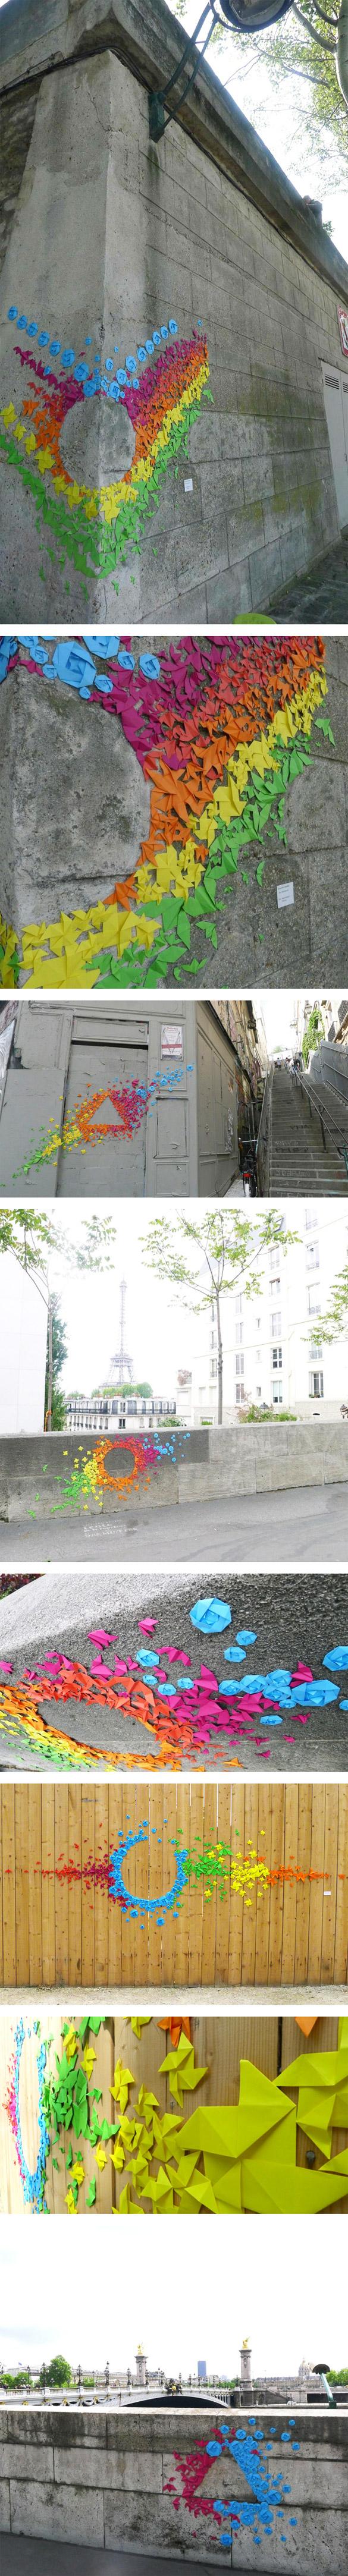 popup Les graffitis de papier à Paris sont signés Mademoiselle Maurice !